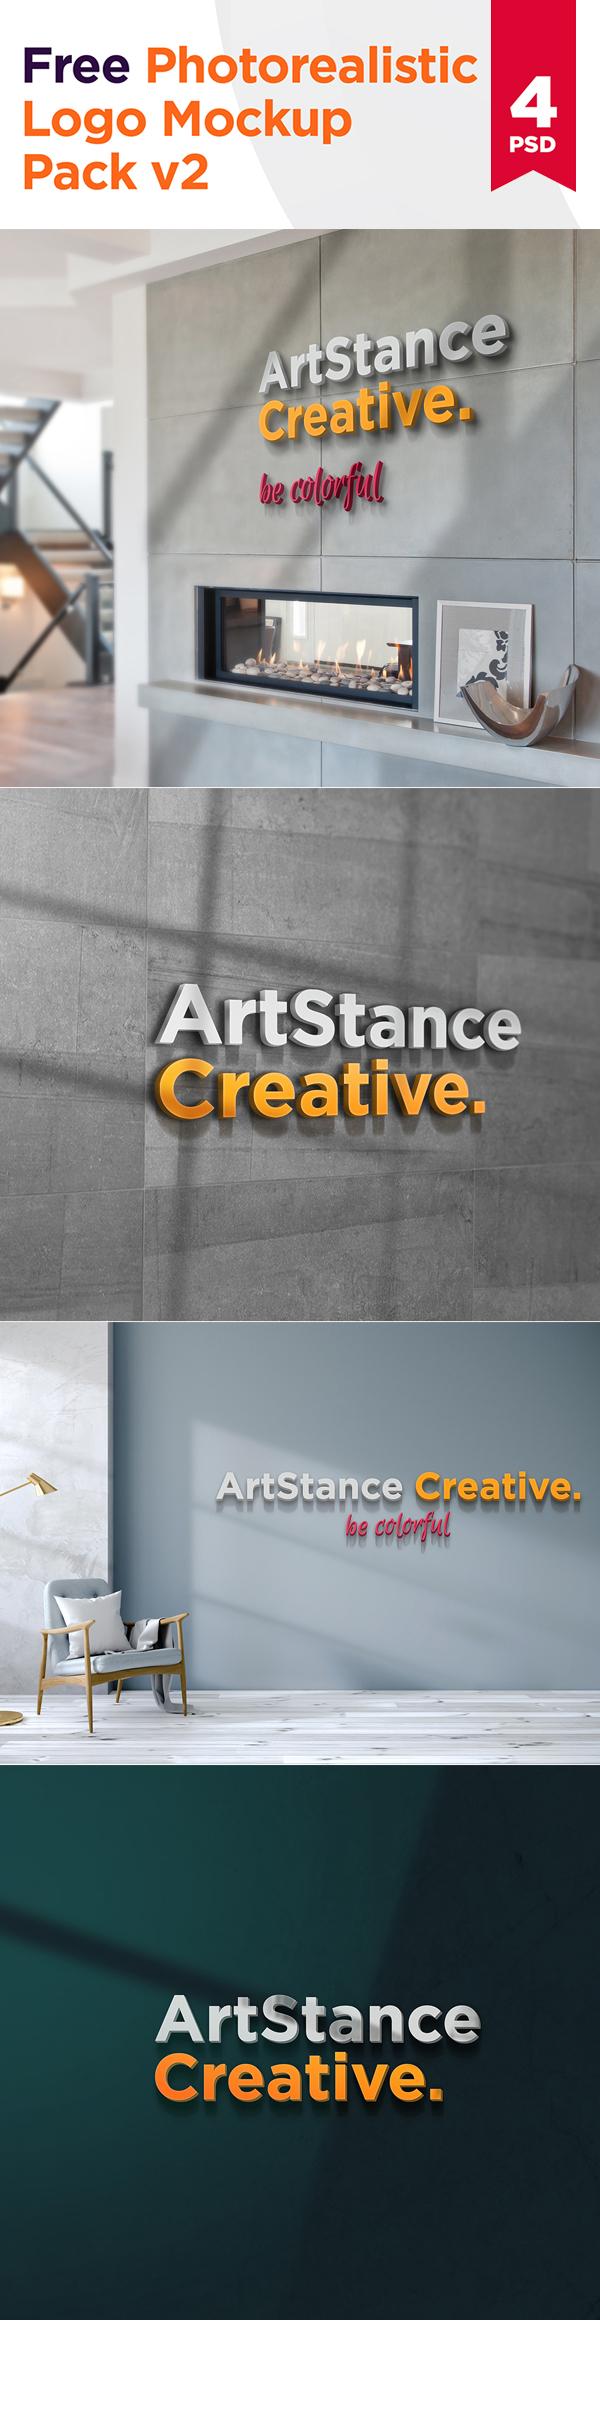 Free Photorealistic Logo Mockups